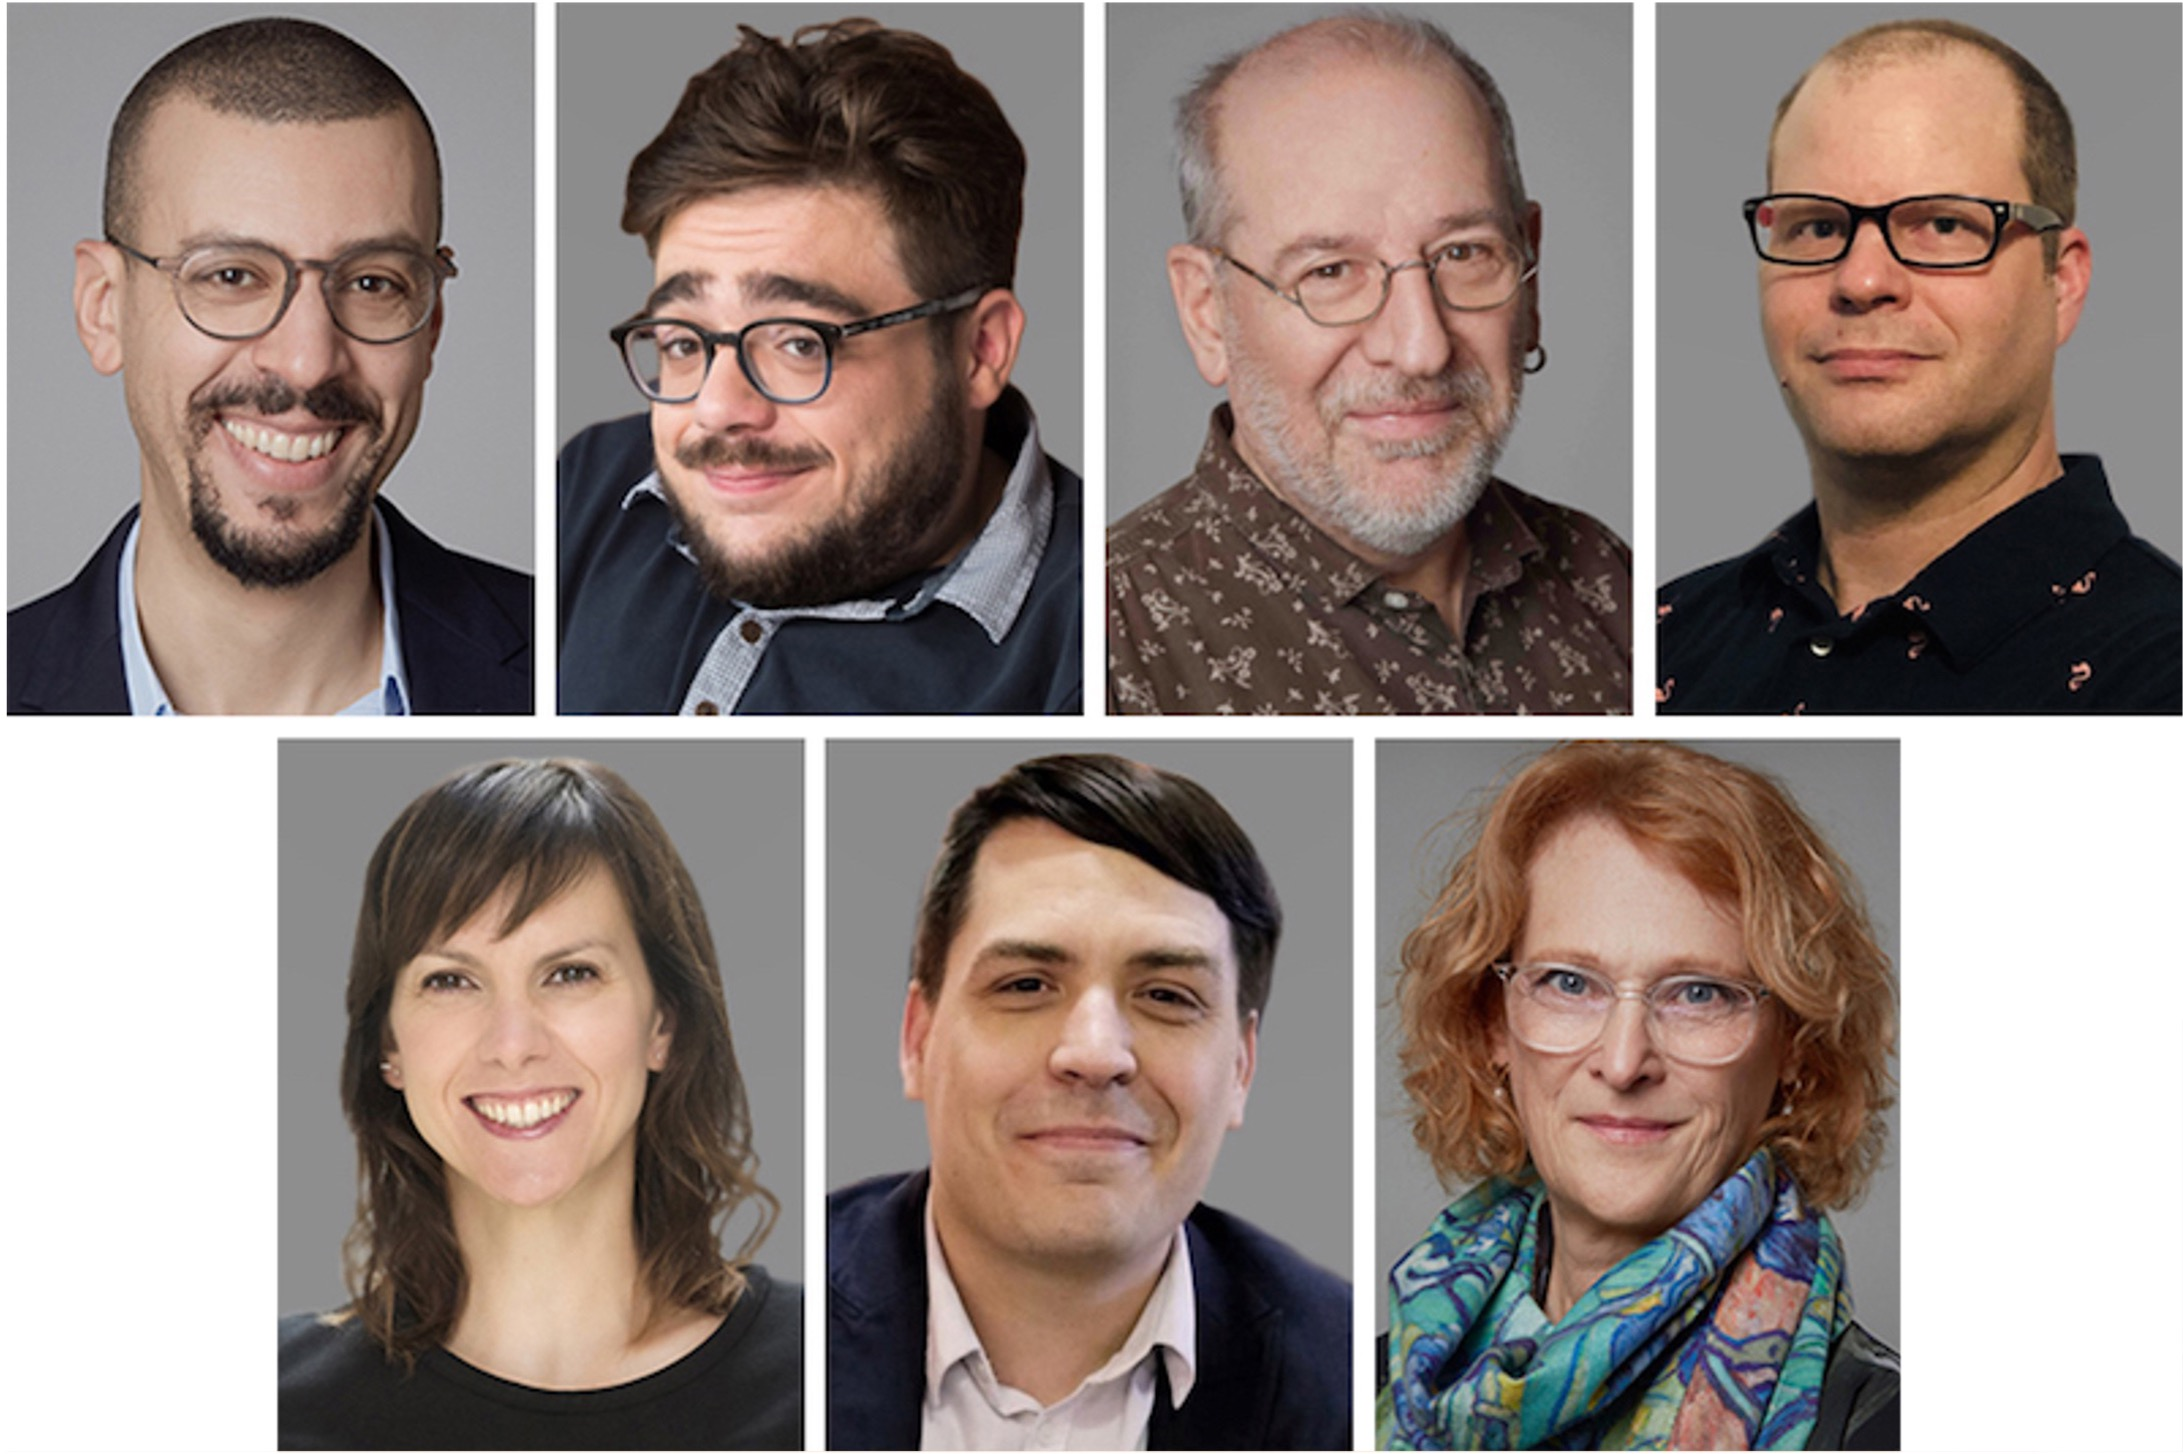 Mosaïque présentant les photographies des huit chercheuses et chercheurs de la Chaire de recherche